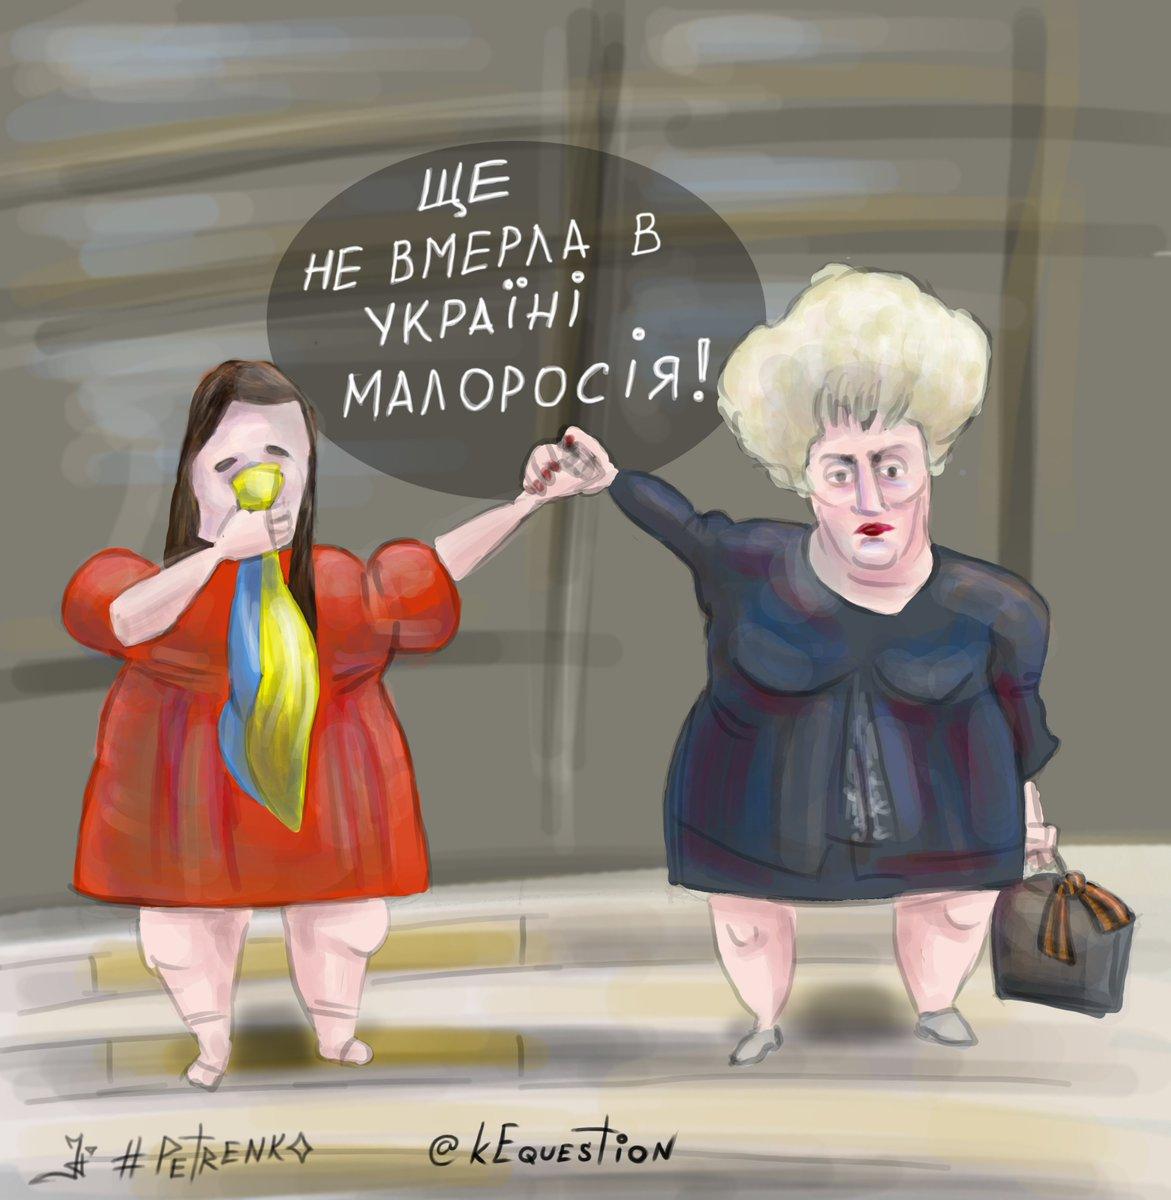 Террористы включали Штепу в свои списки на обмен заложников, но она сама категорически отказалась участвовать в этом, - Ирина Геращенко - Цензор.НЕТ 4671